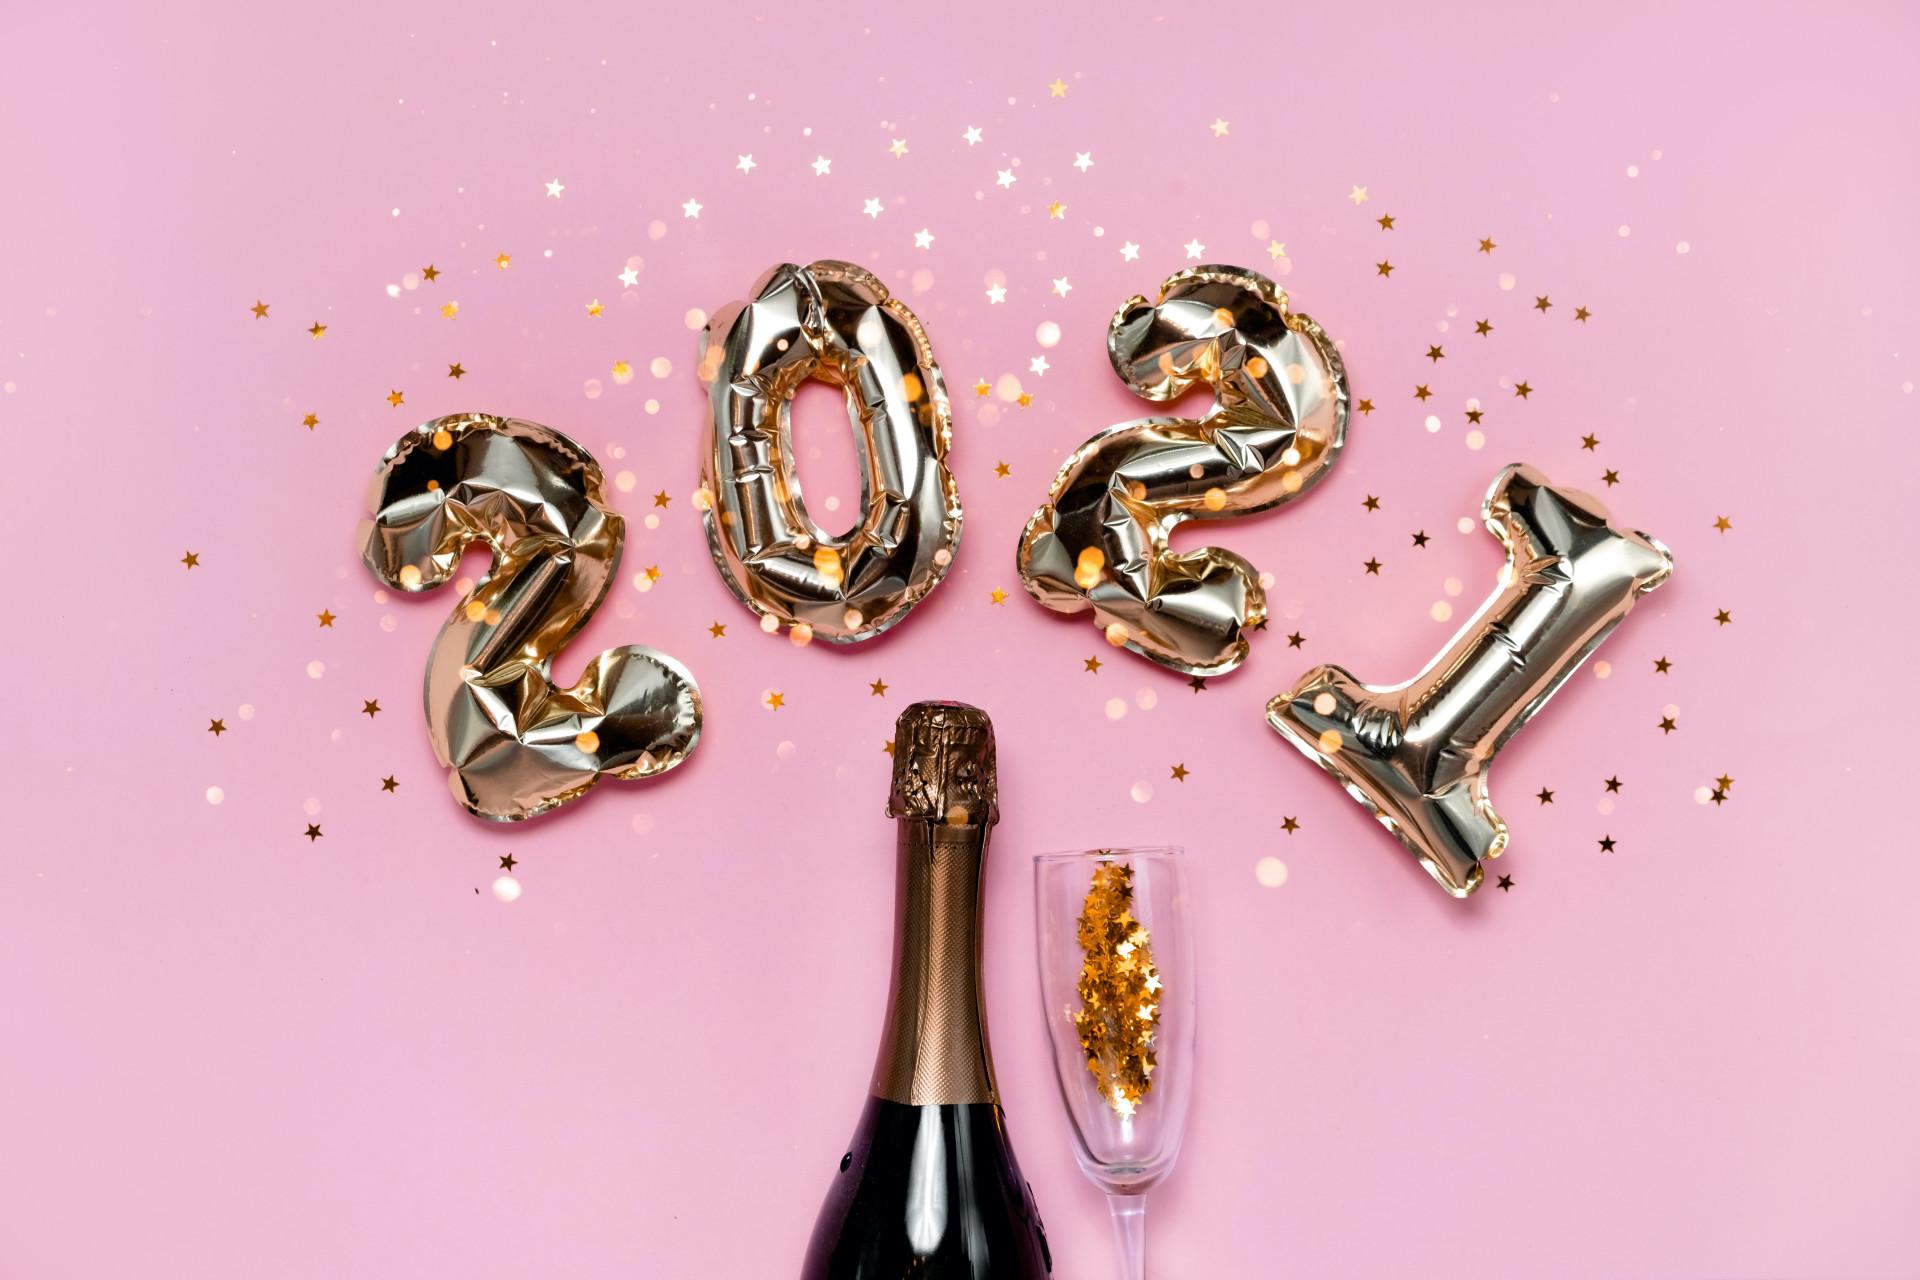 Bild zum Artikel Review 2020 - Look ahead 2021